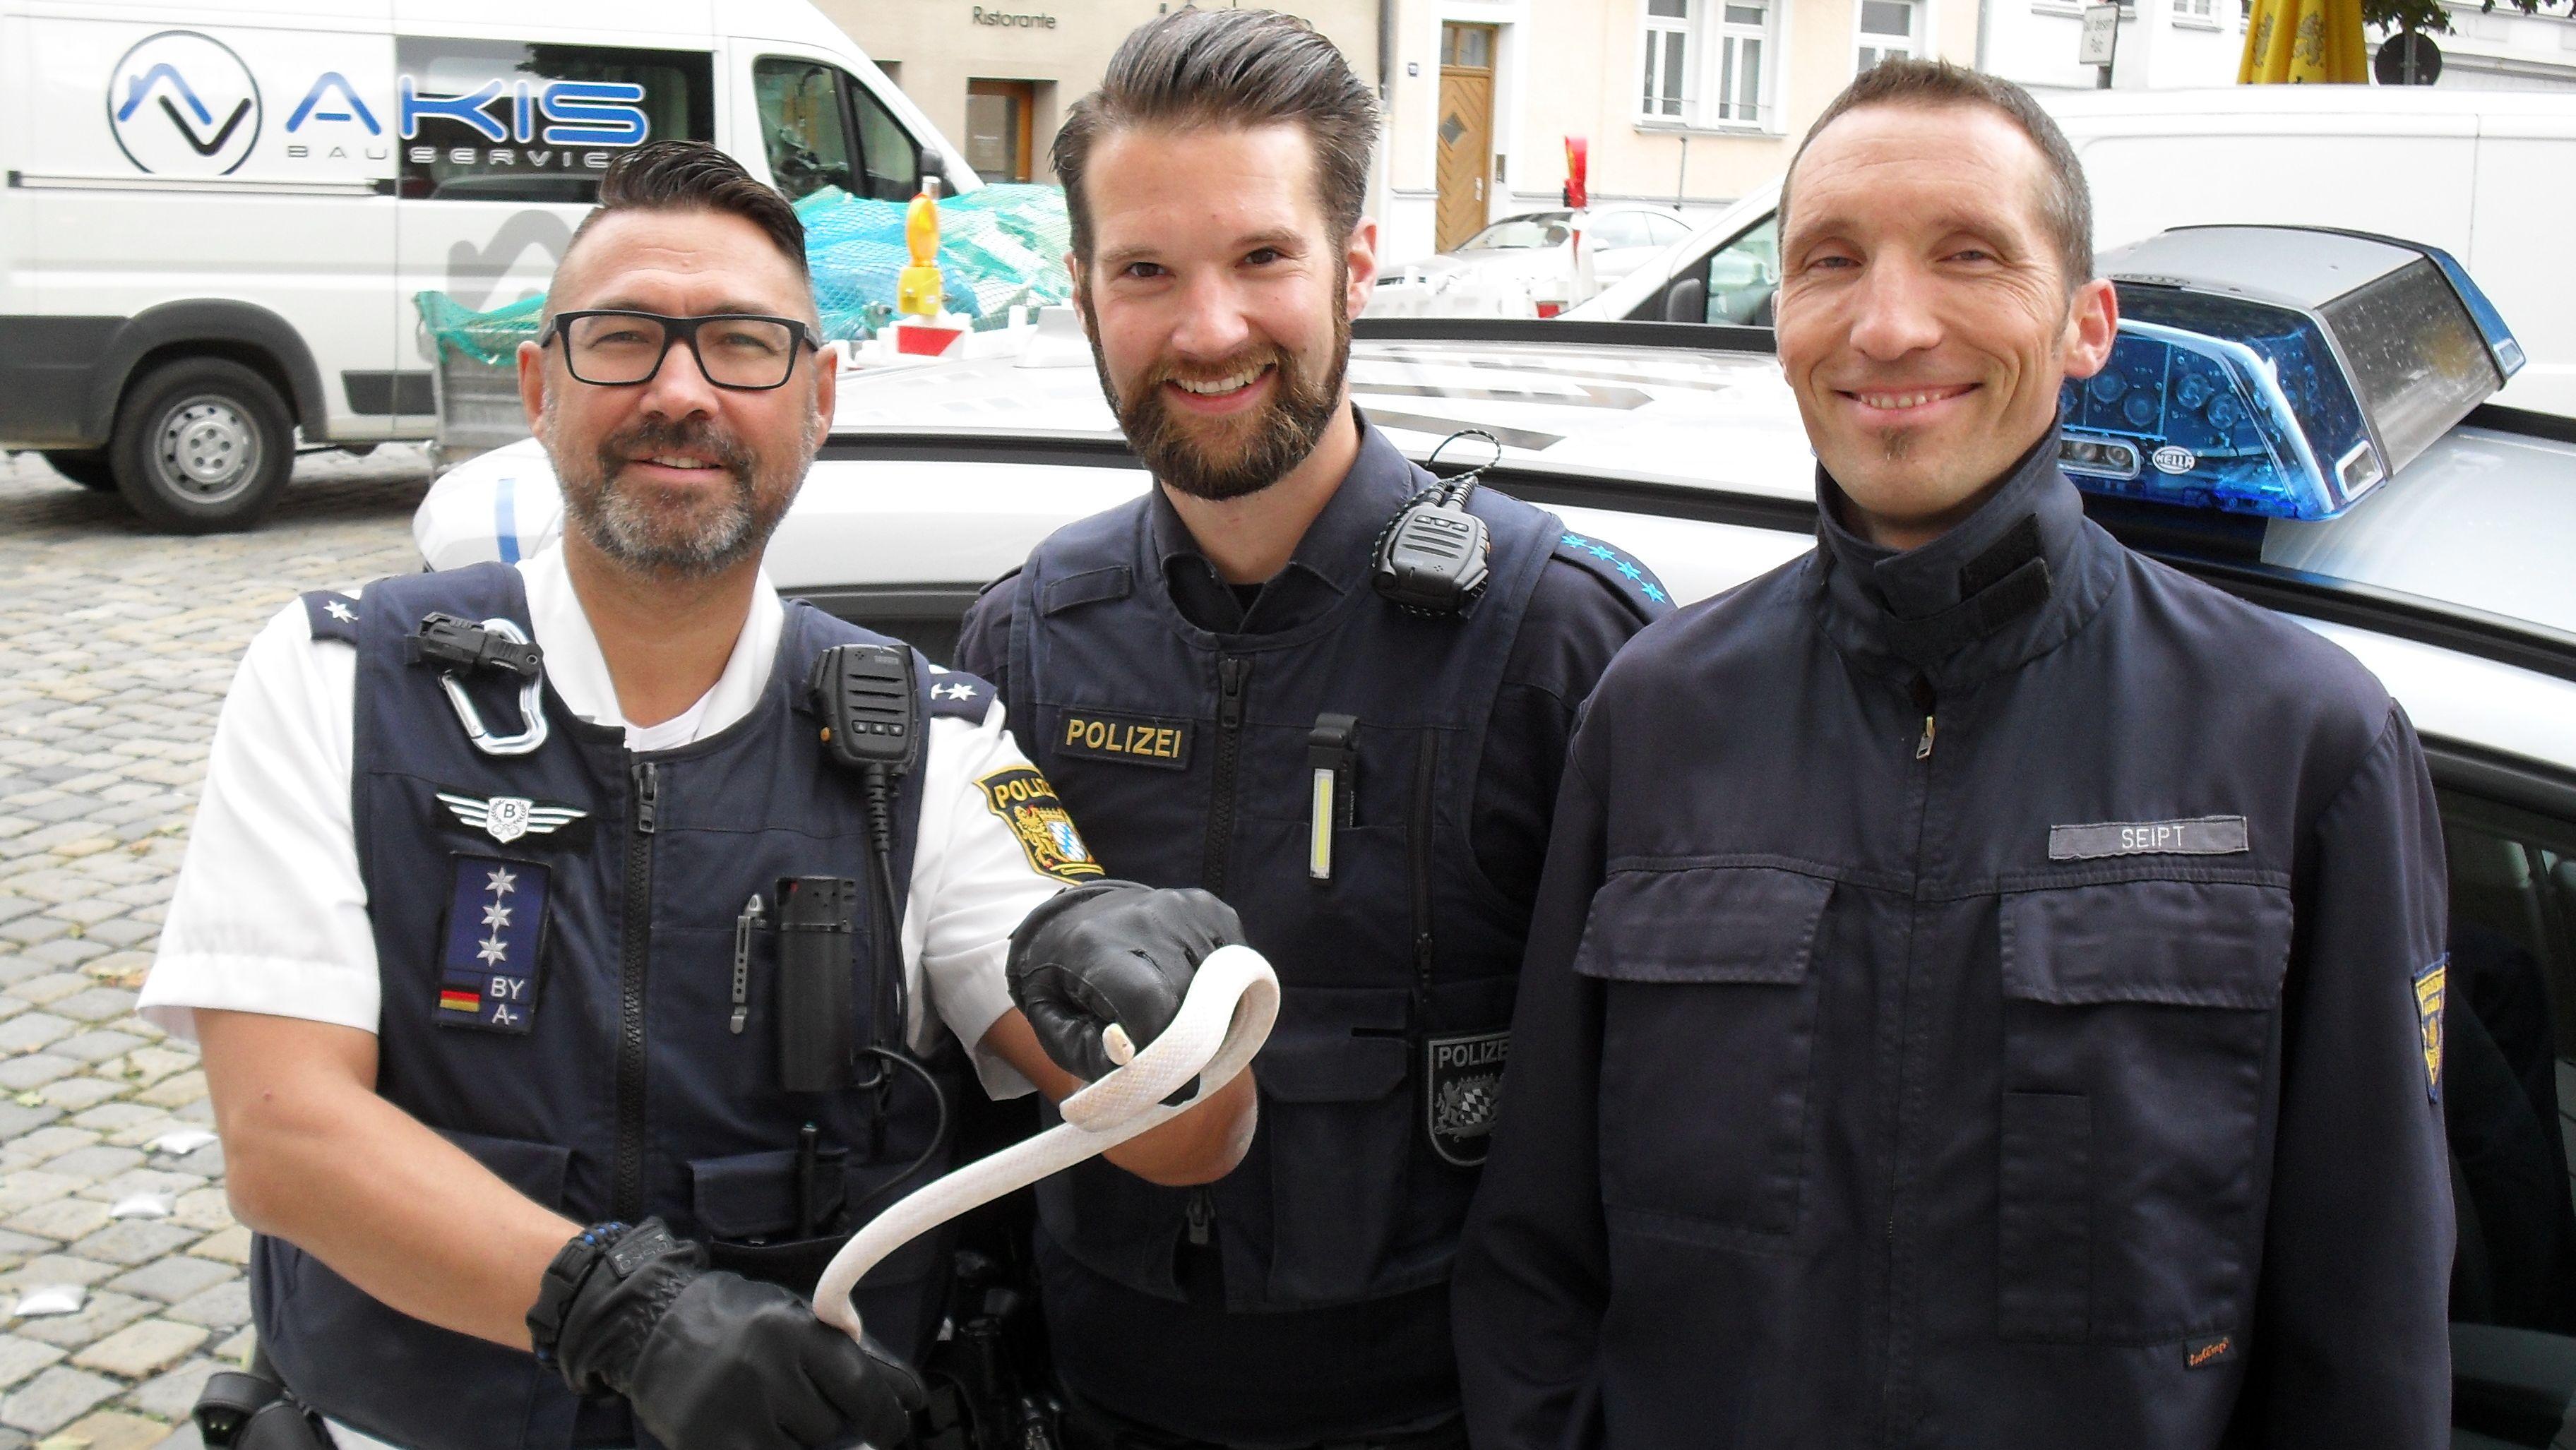 Drei Augsburger Polizisten, einer hält die Schlange, einer Albino Kornnater in der Hand - er trägt Handschuhe